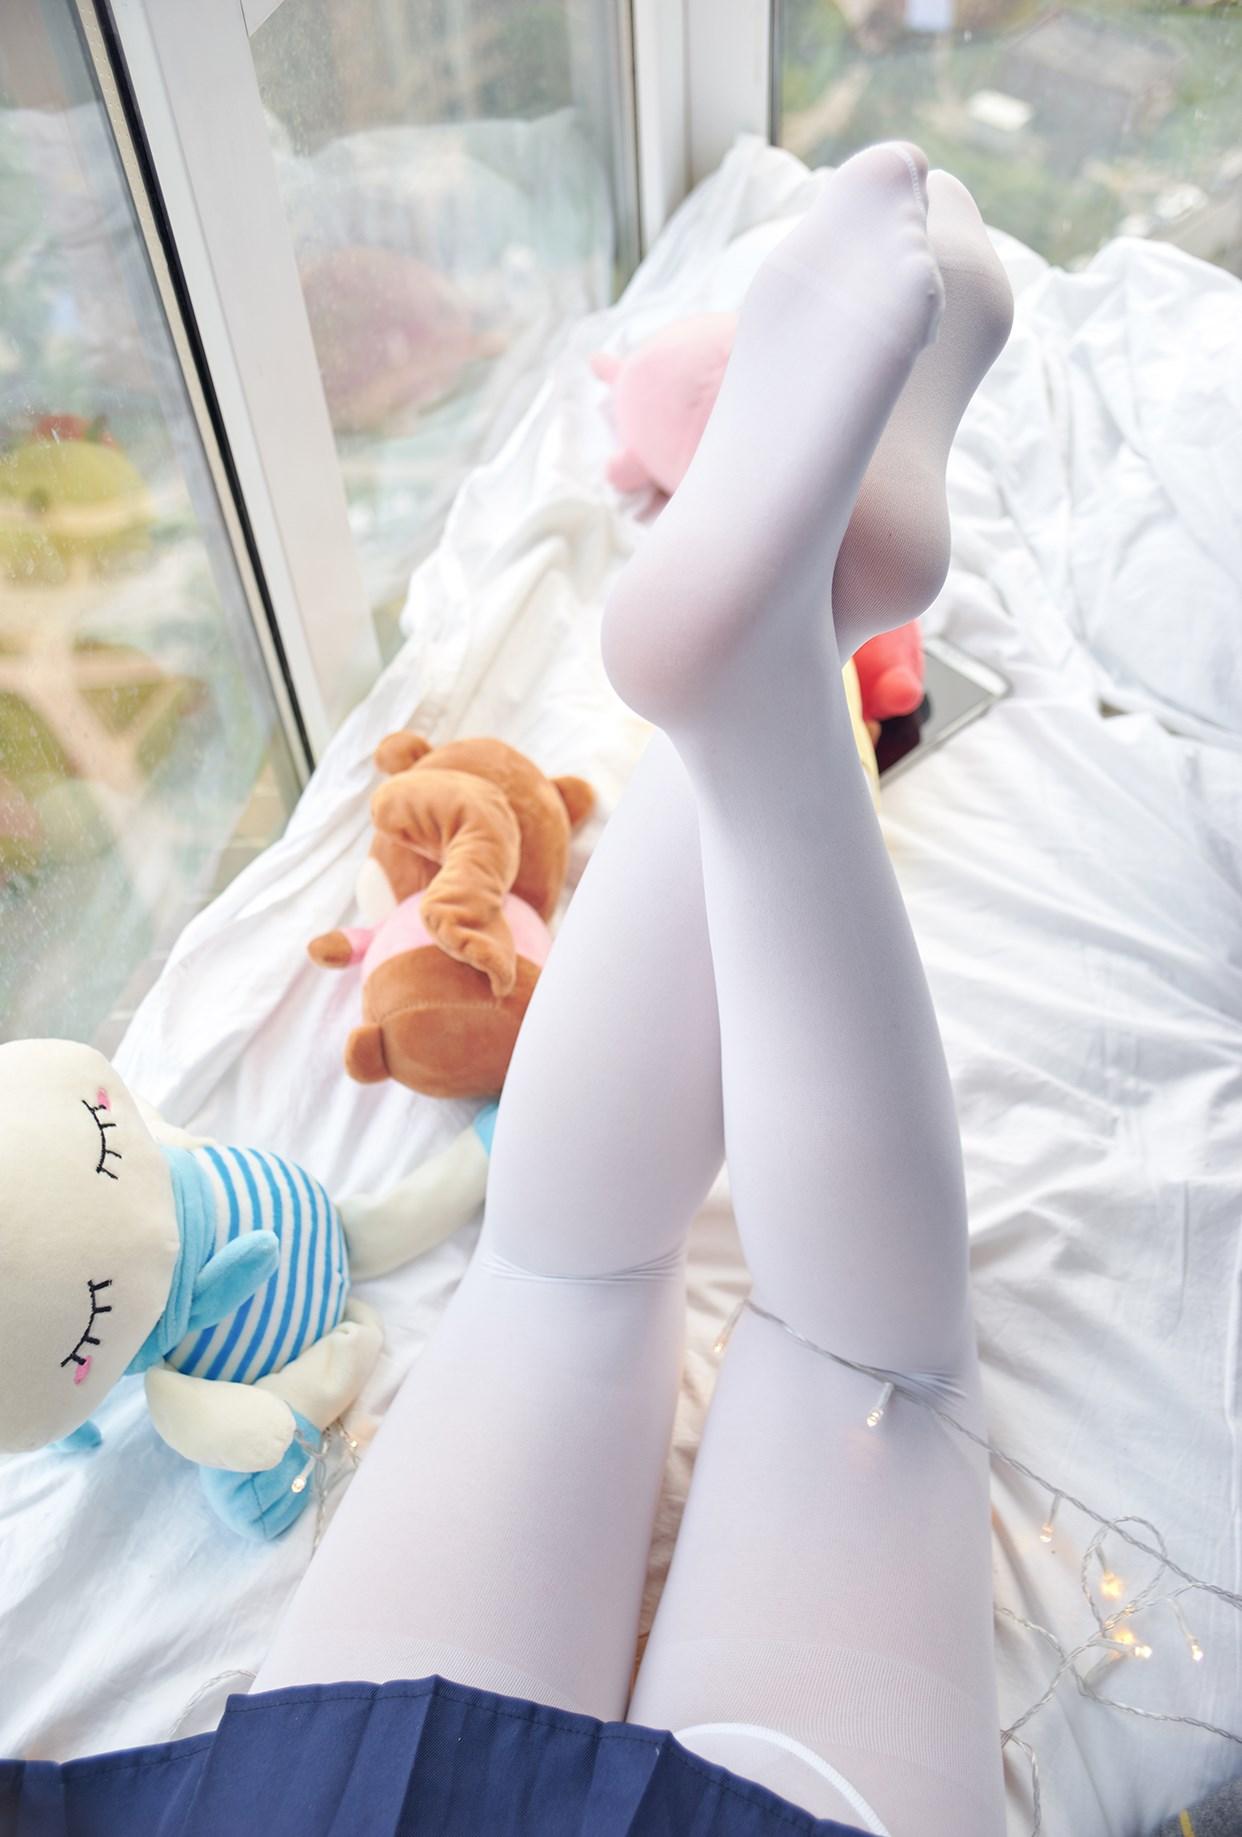 【兔玩映画】肉肉的白丝 兔玩映画 第30张